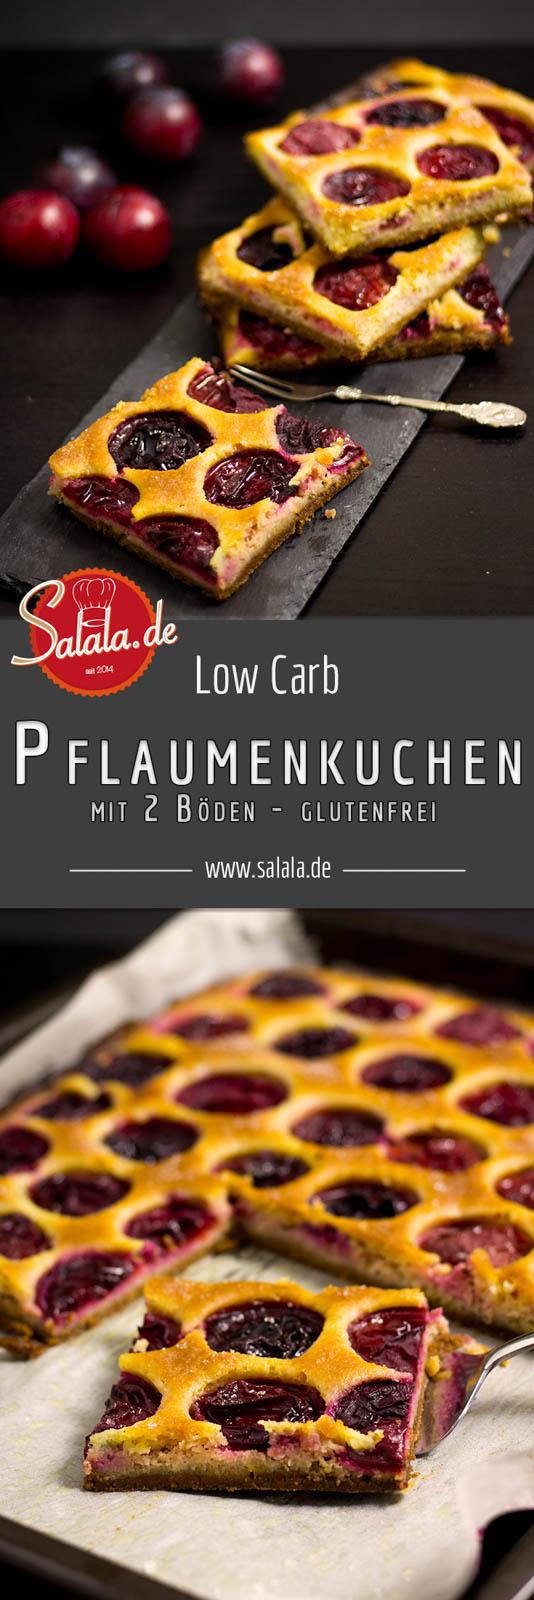 Pflaumenkuchen mit 2 Böden Low Carb Rezept und glutenfrei - by salala.de - Glutenfrei, Zuckerfrei, Backen ohne Mehl